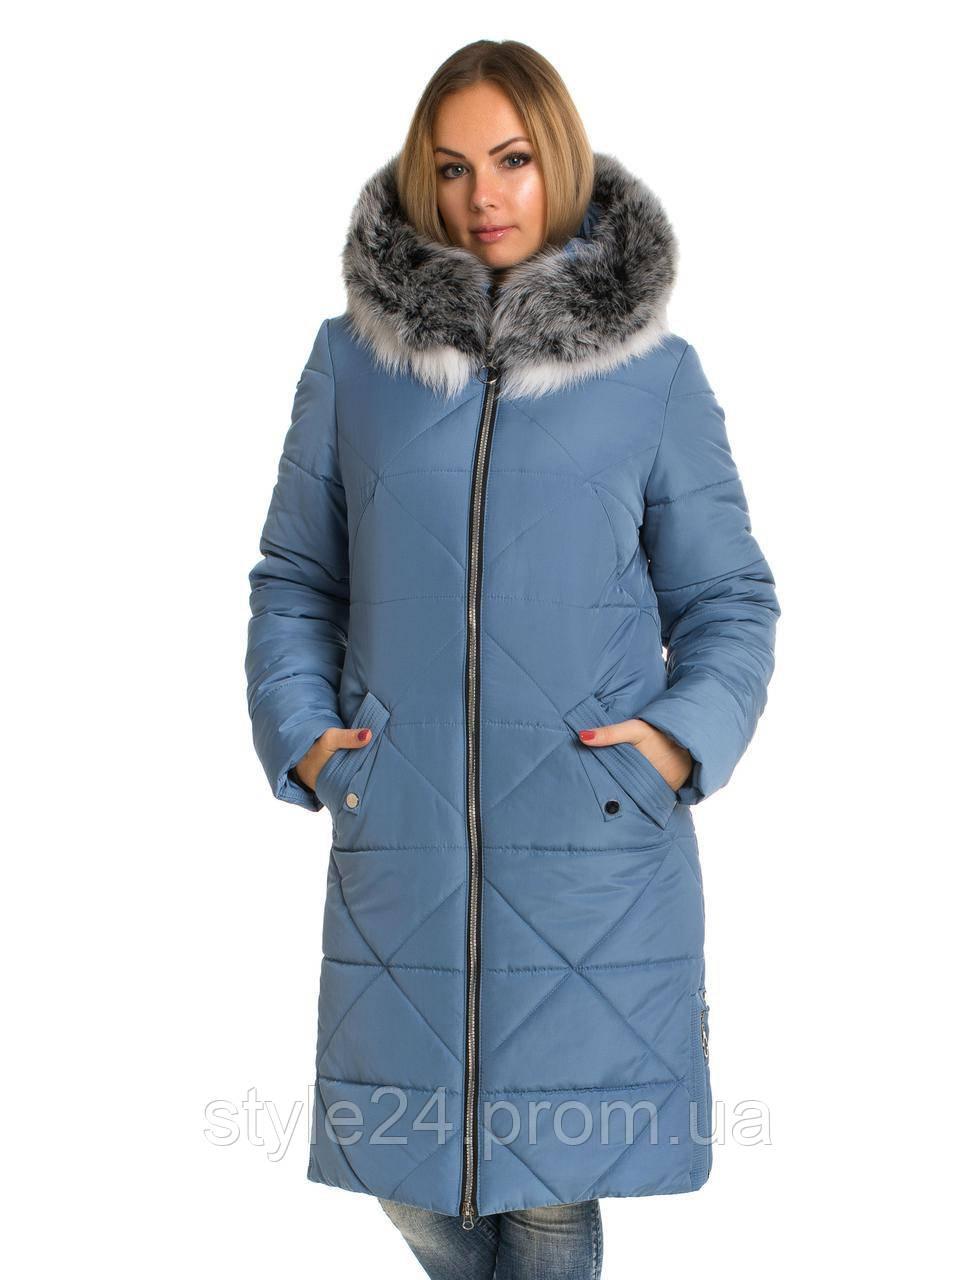 Жіночий зимовий пуховик  з опушкою чорнобурки , 4 кольори  .Р-ри 42-60